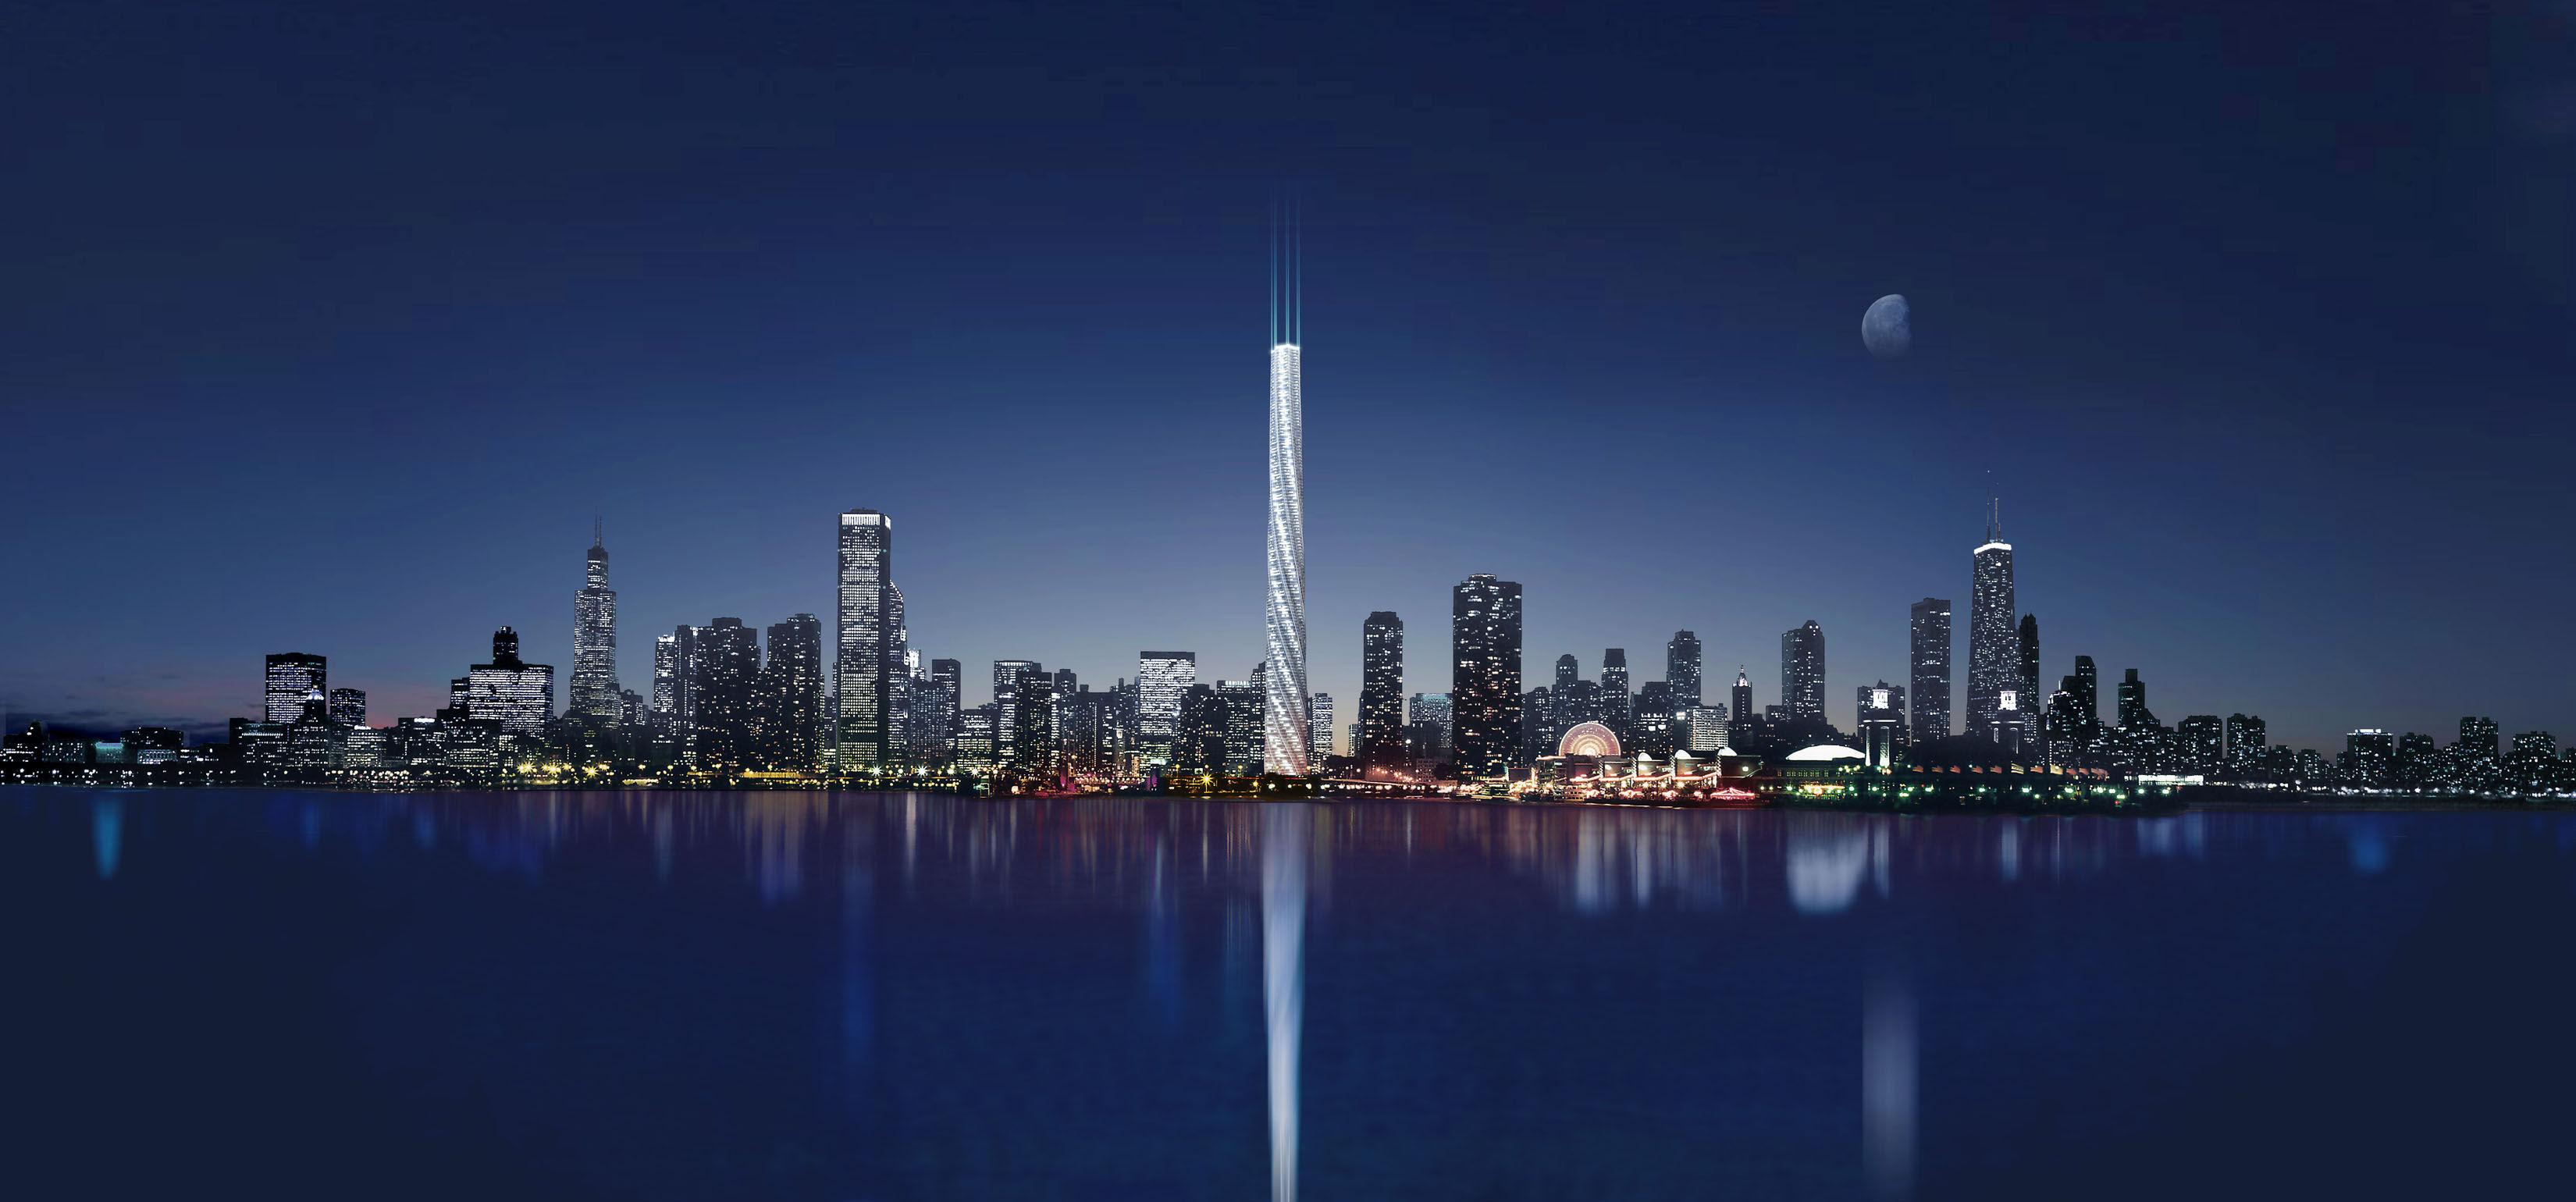 Небоскреб Сверло (Chicago Spire) фото